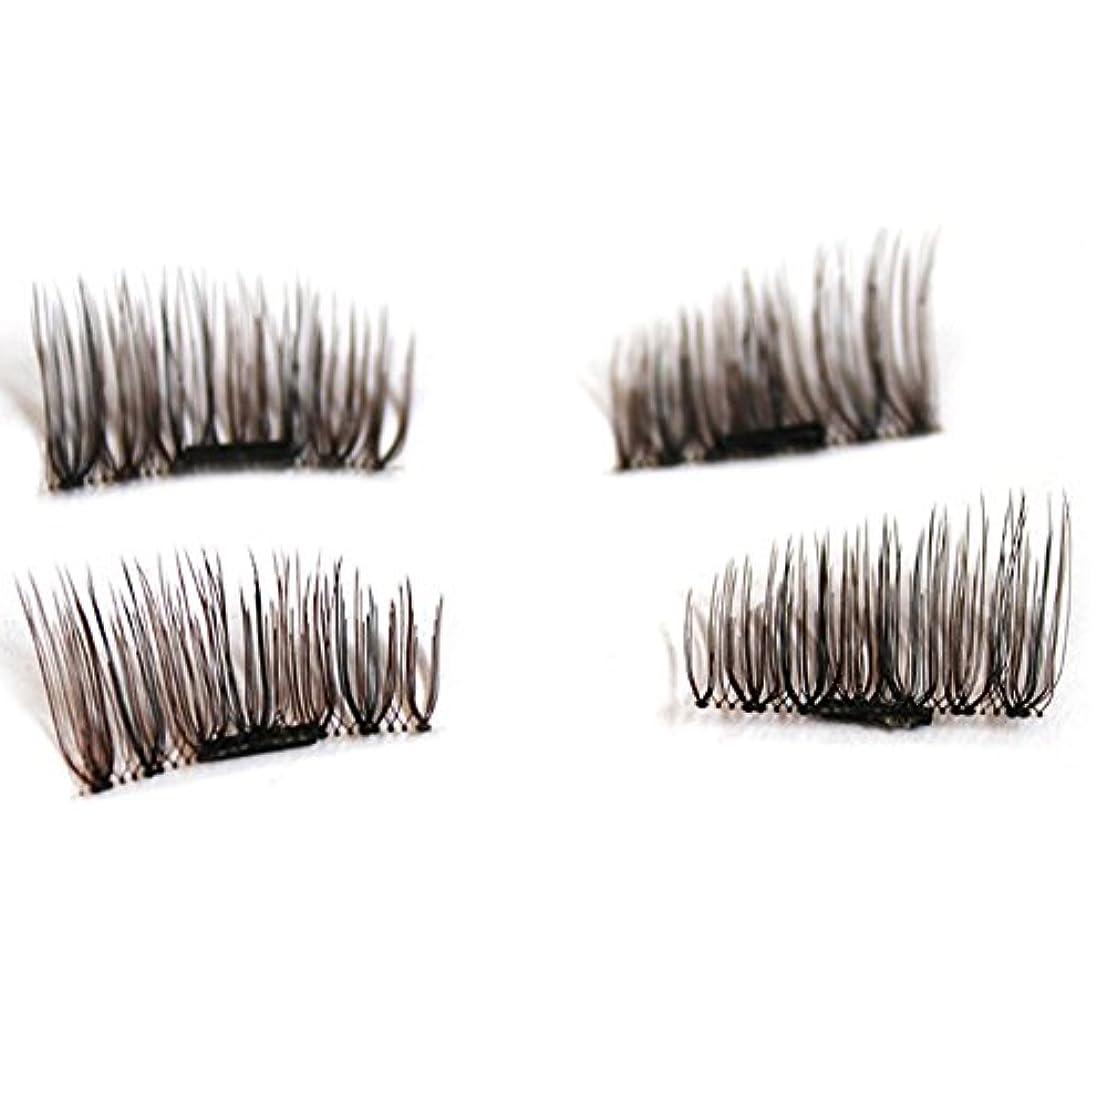 ディプロマ費用急速なCozyrom 2ペアセット つけまつげ 磁気 3D マグネット 付け睫毛 長い 再利用可能 濃密 簡単に装着 手作り